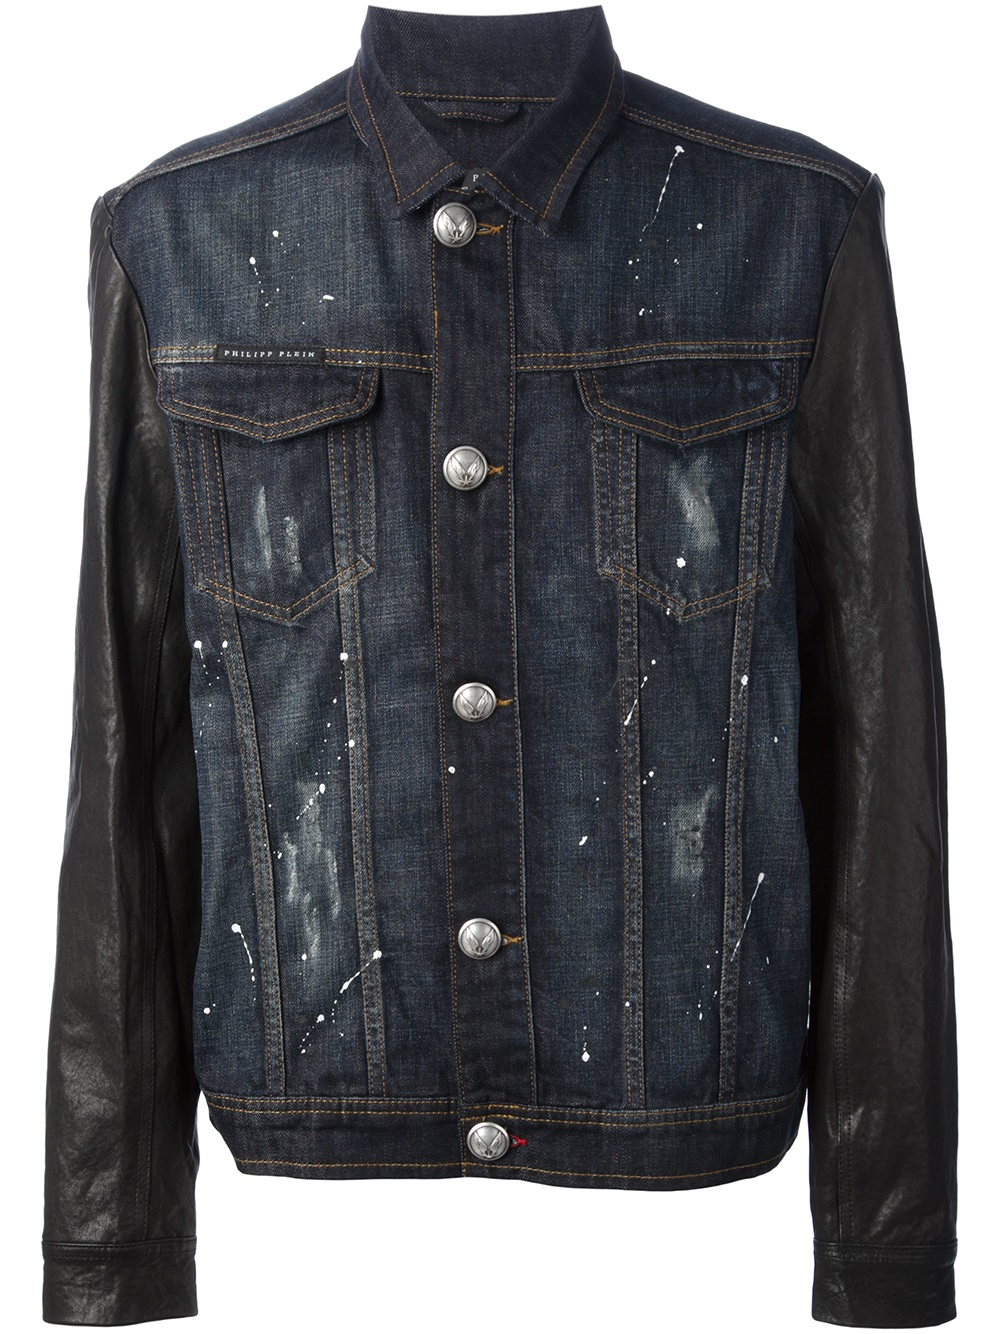 Philipp plein Distressed Denim Jacket in Blue for Men | Lyst